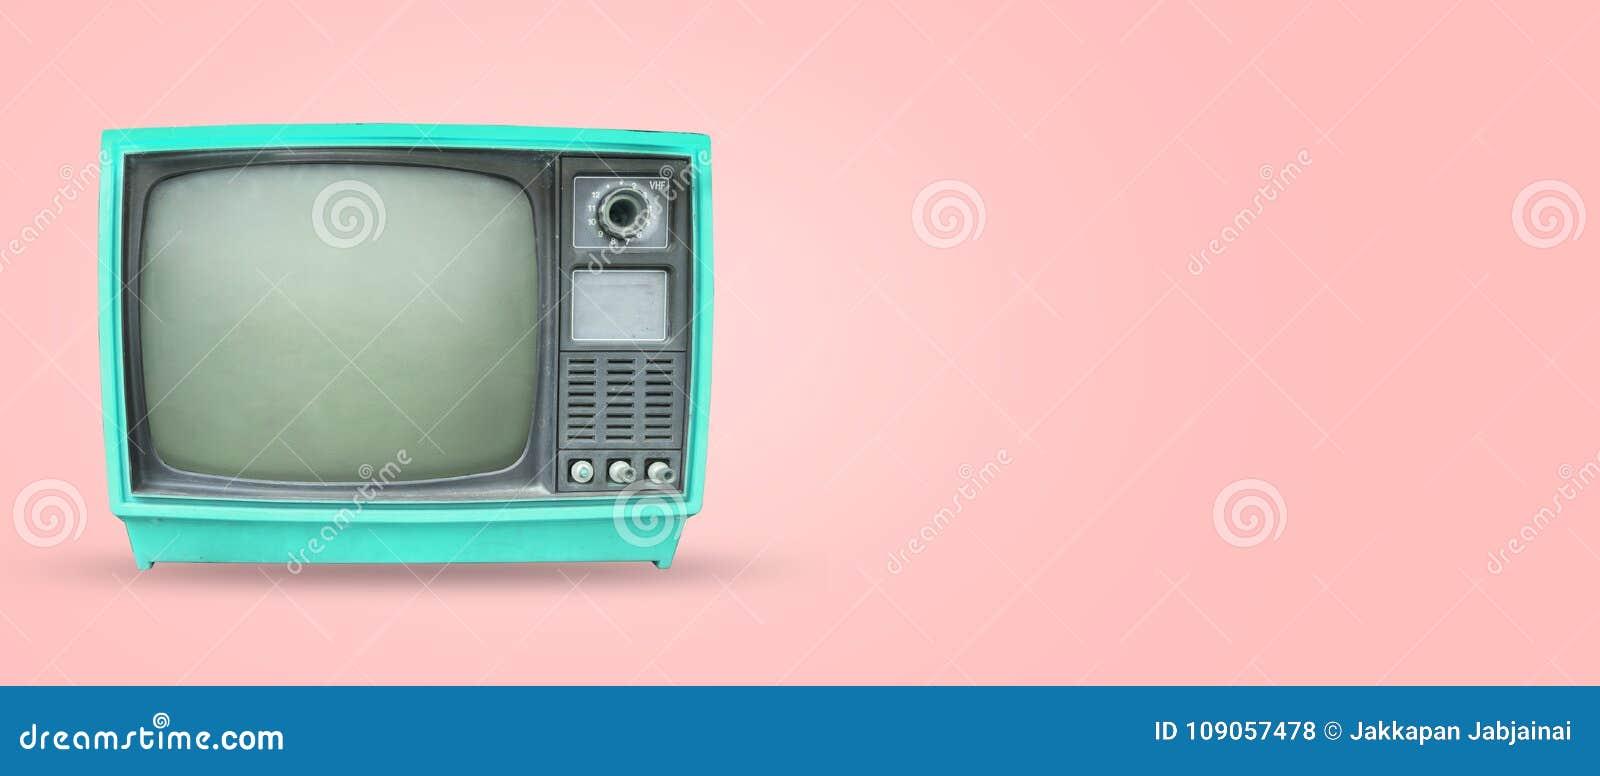 Old vintage tv on pastel color background.